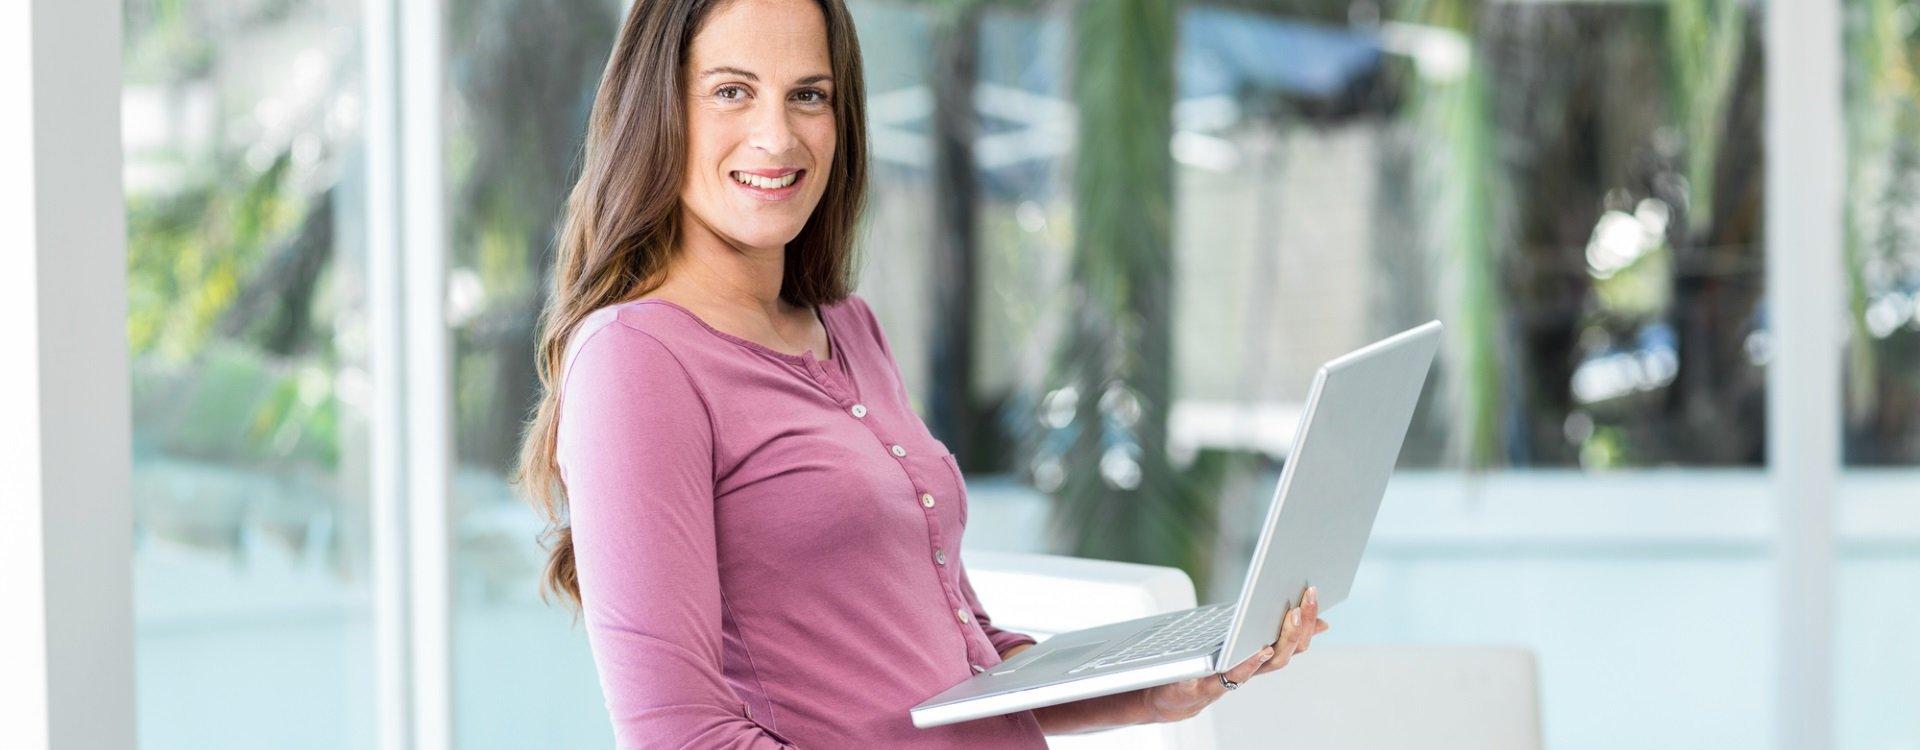 Ein höhenverstellbarer Schreibtisch kann schwangere Arbeitnehmerinnen entlasten